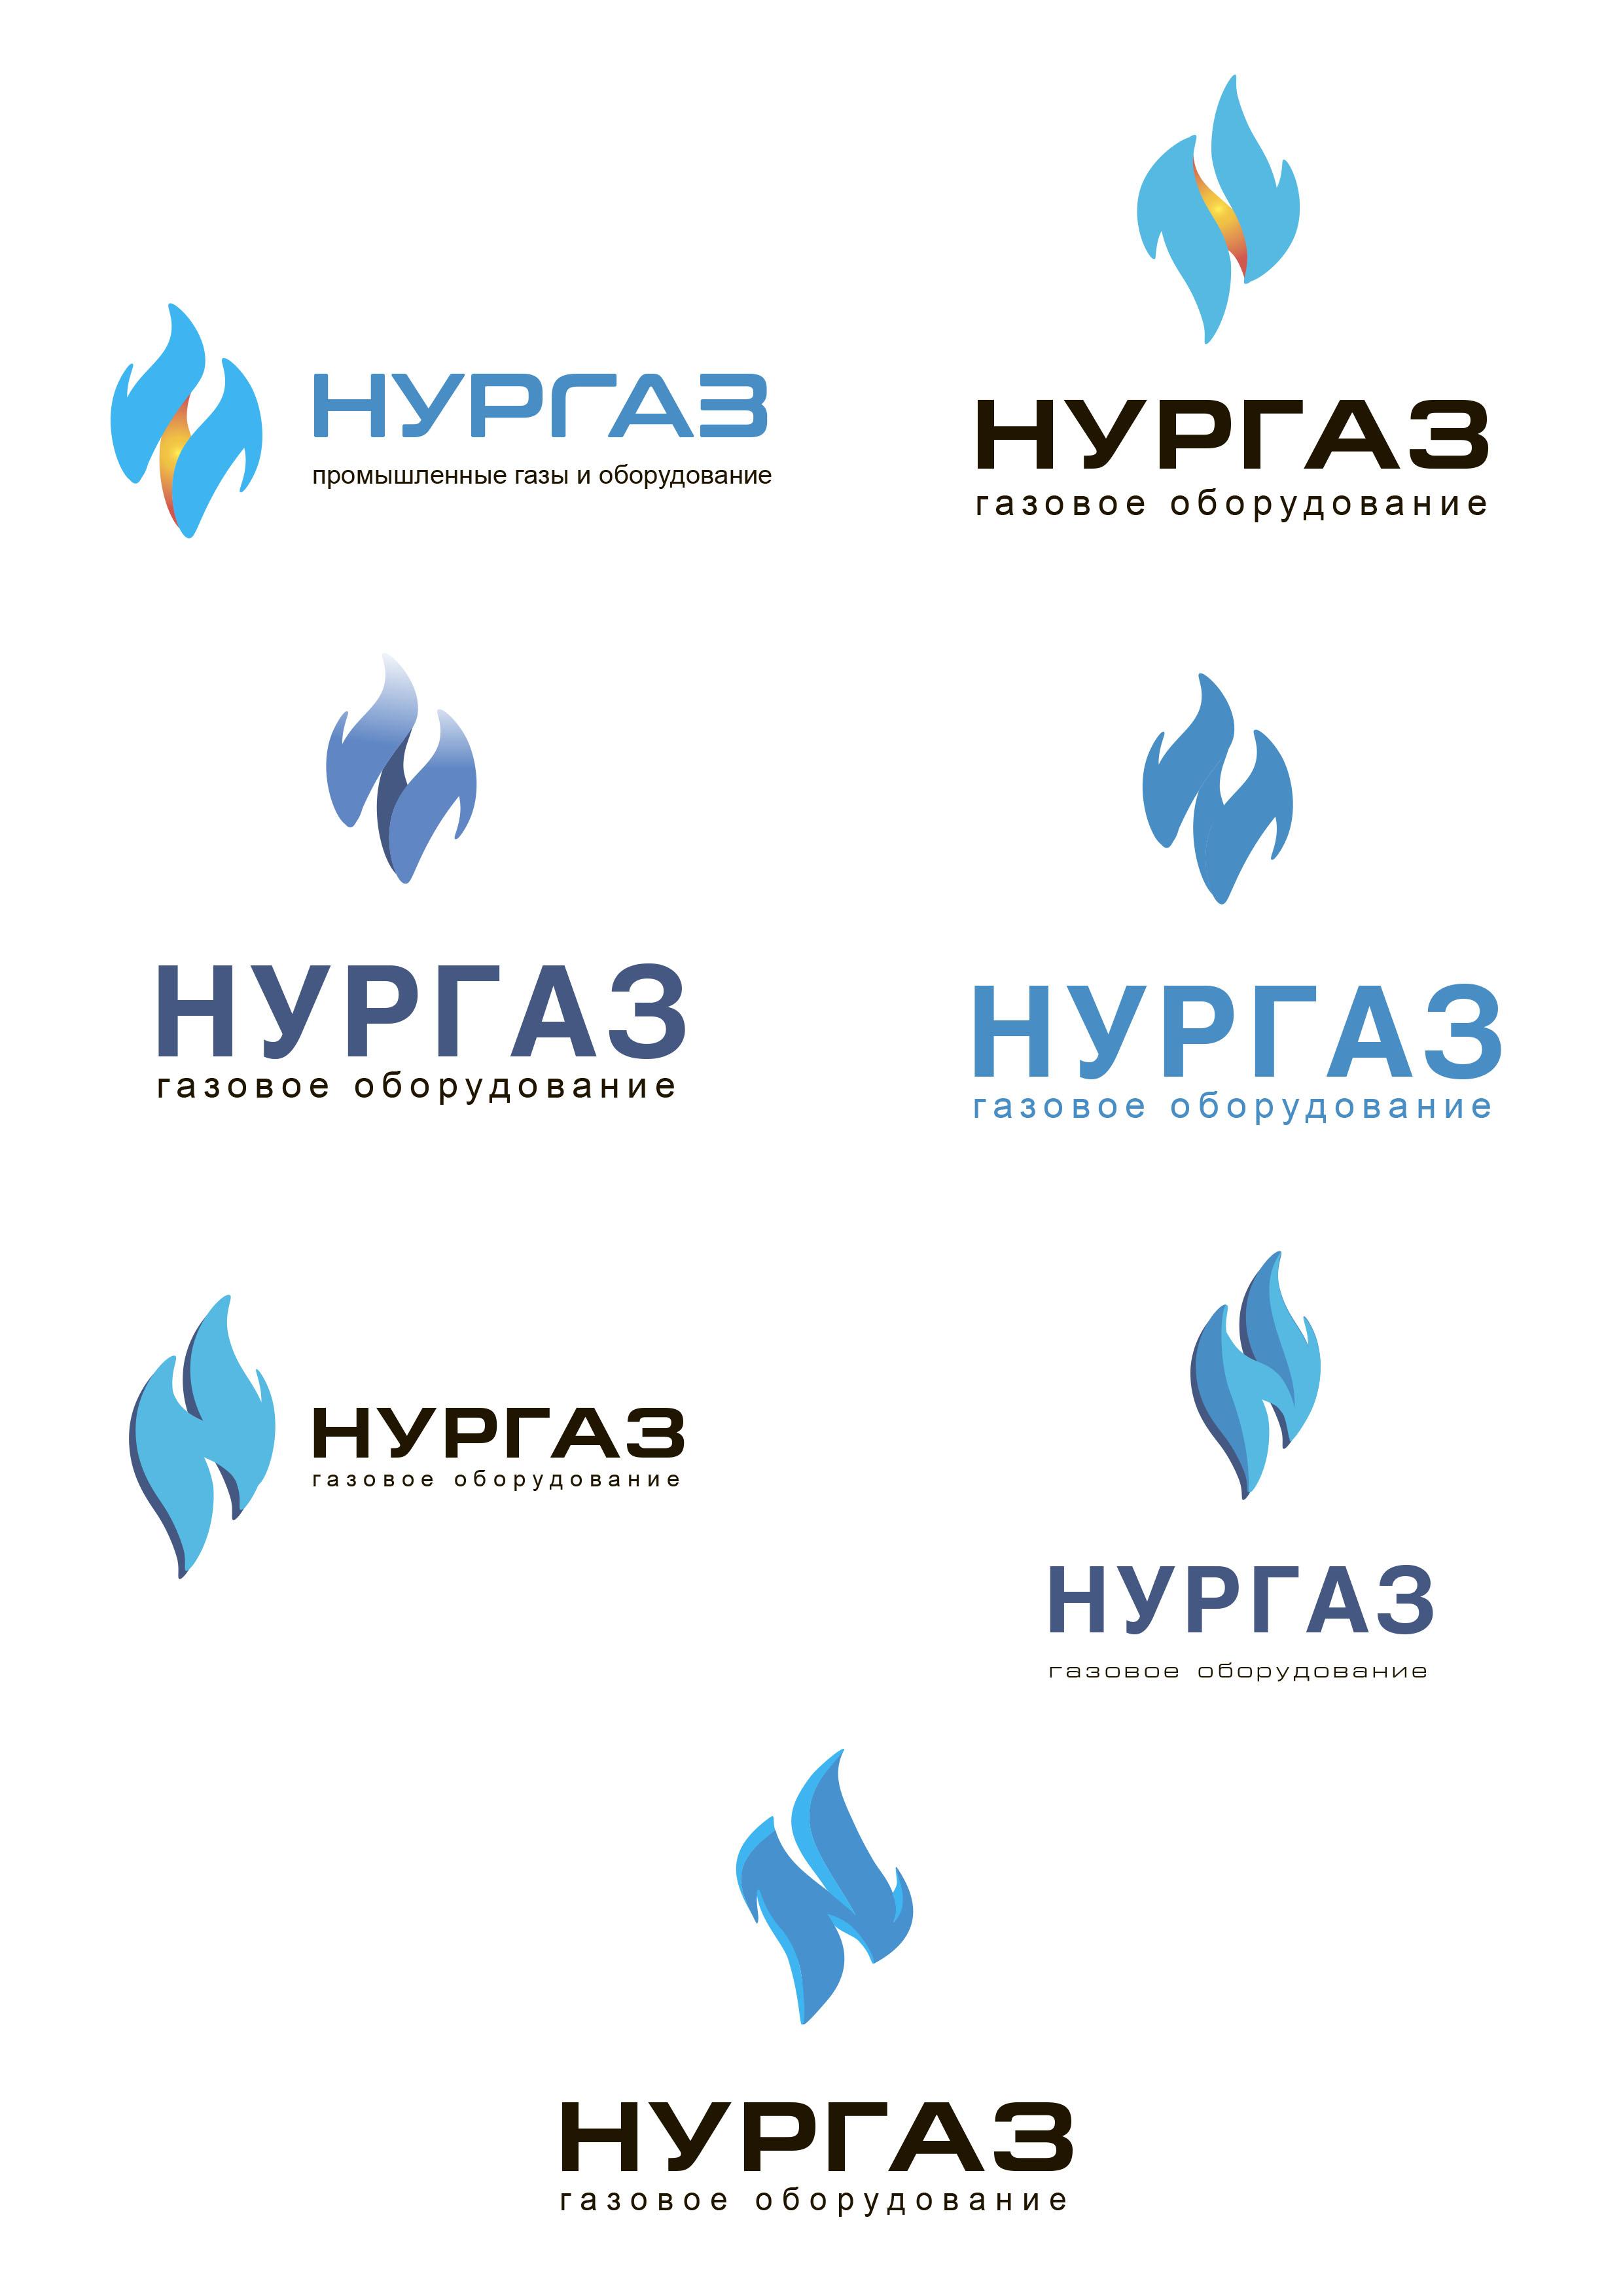 Разработка логотипа и фирменного стиля фото f_8935da4a8a469b14.jpg